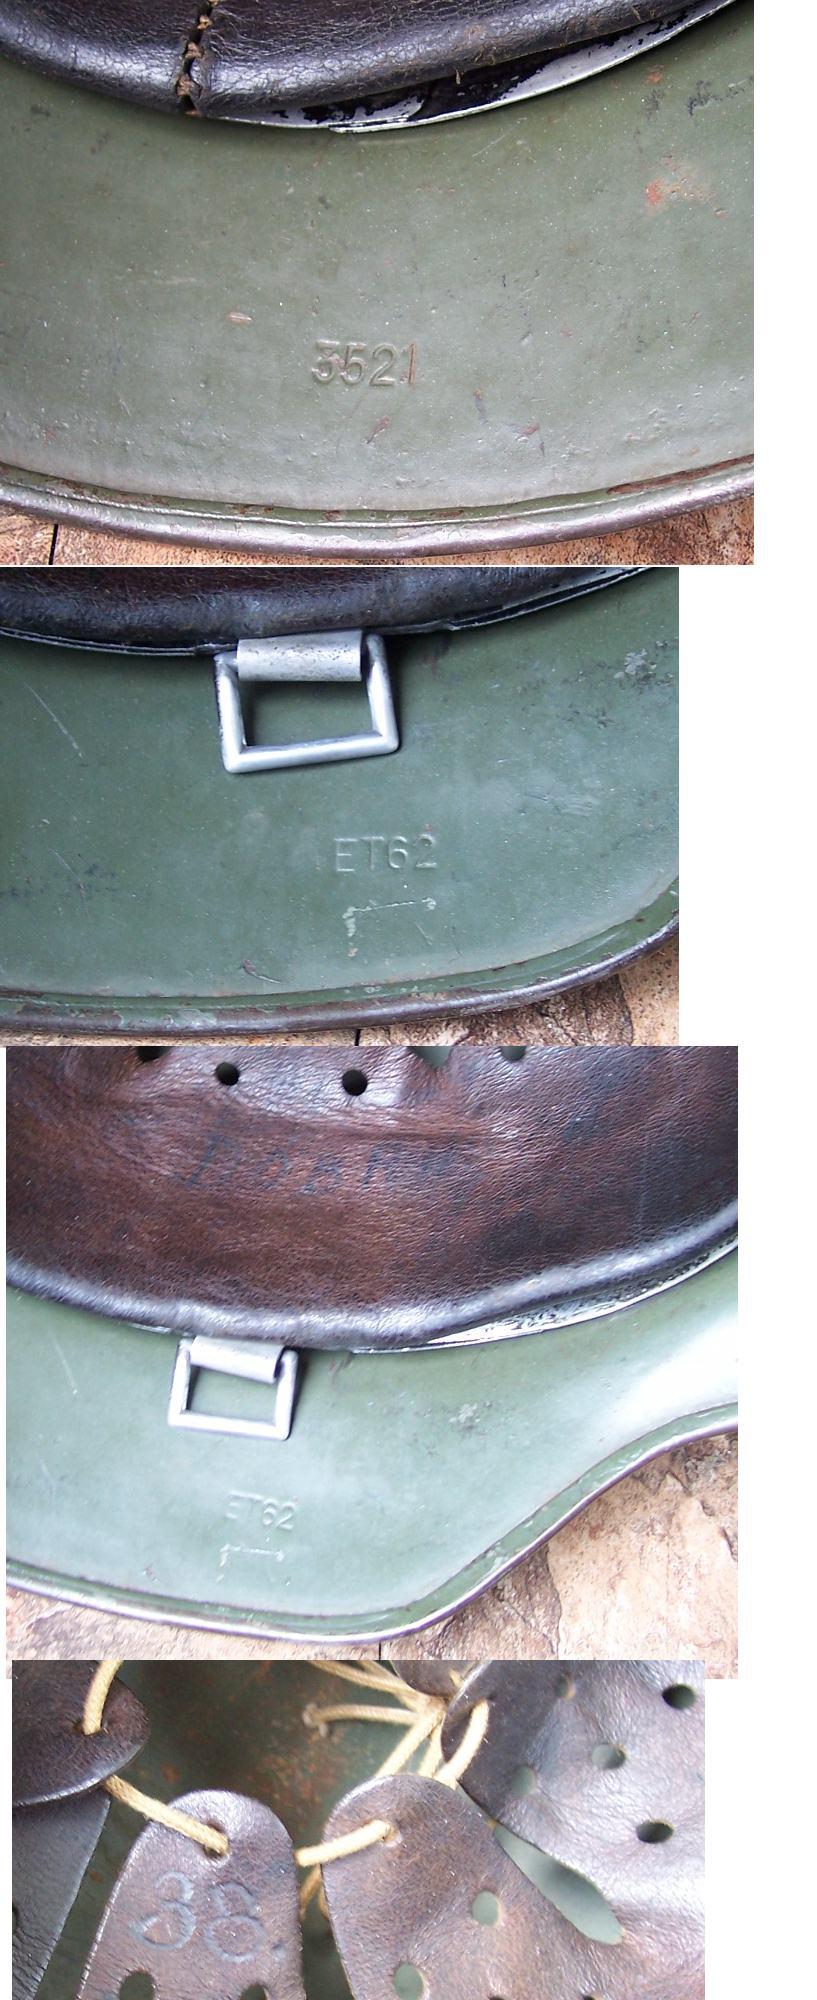 M35 SD ET-62 Army Helmet